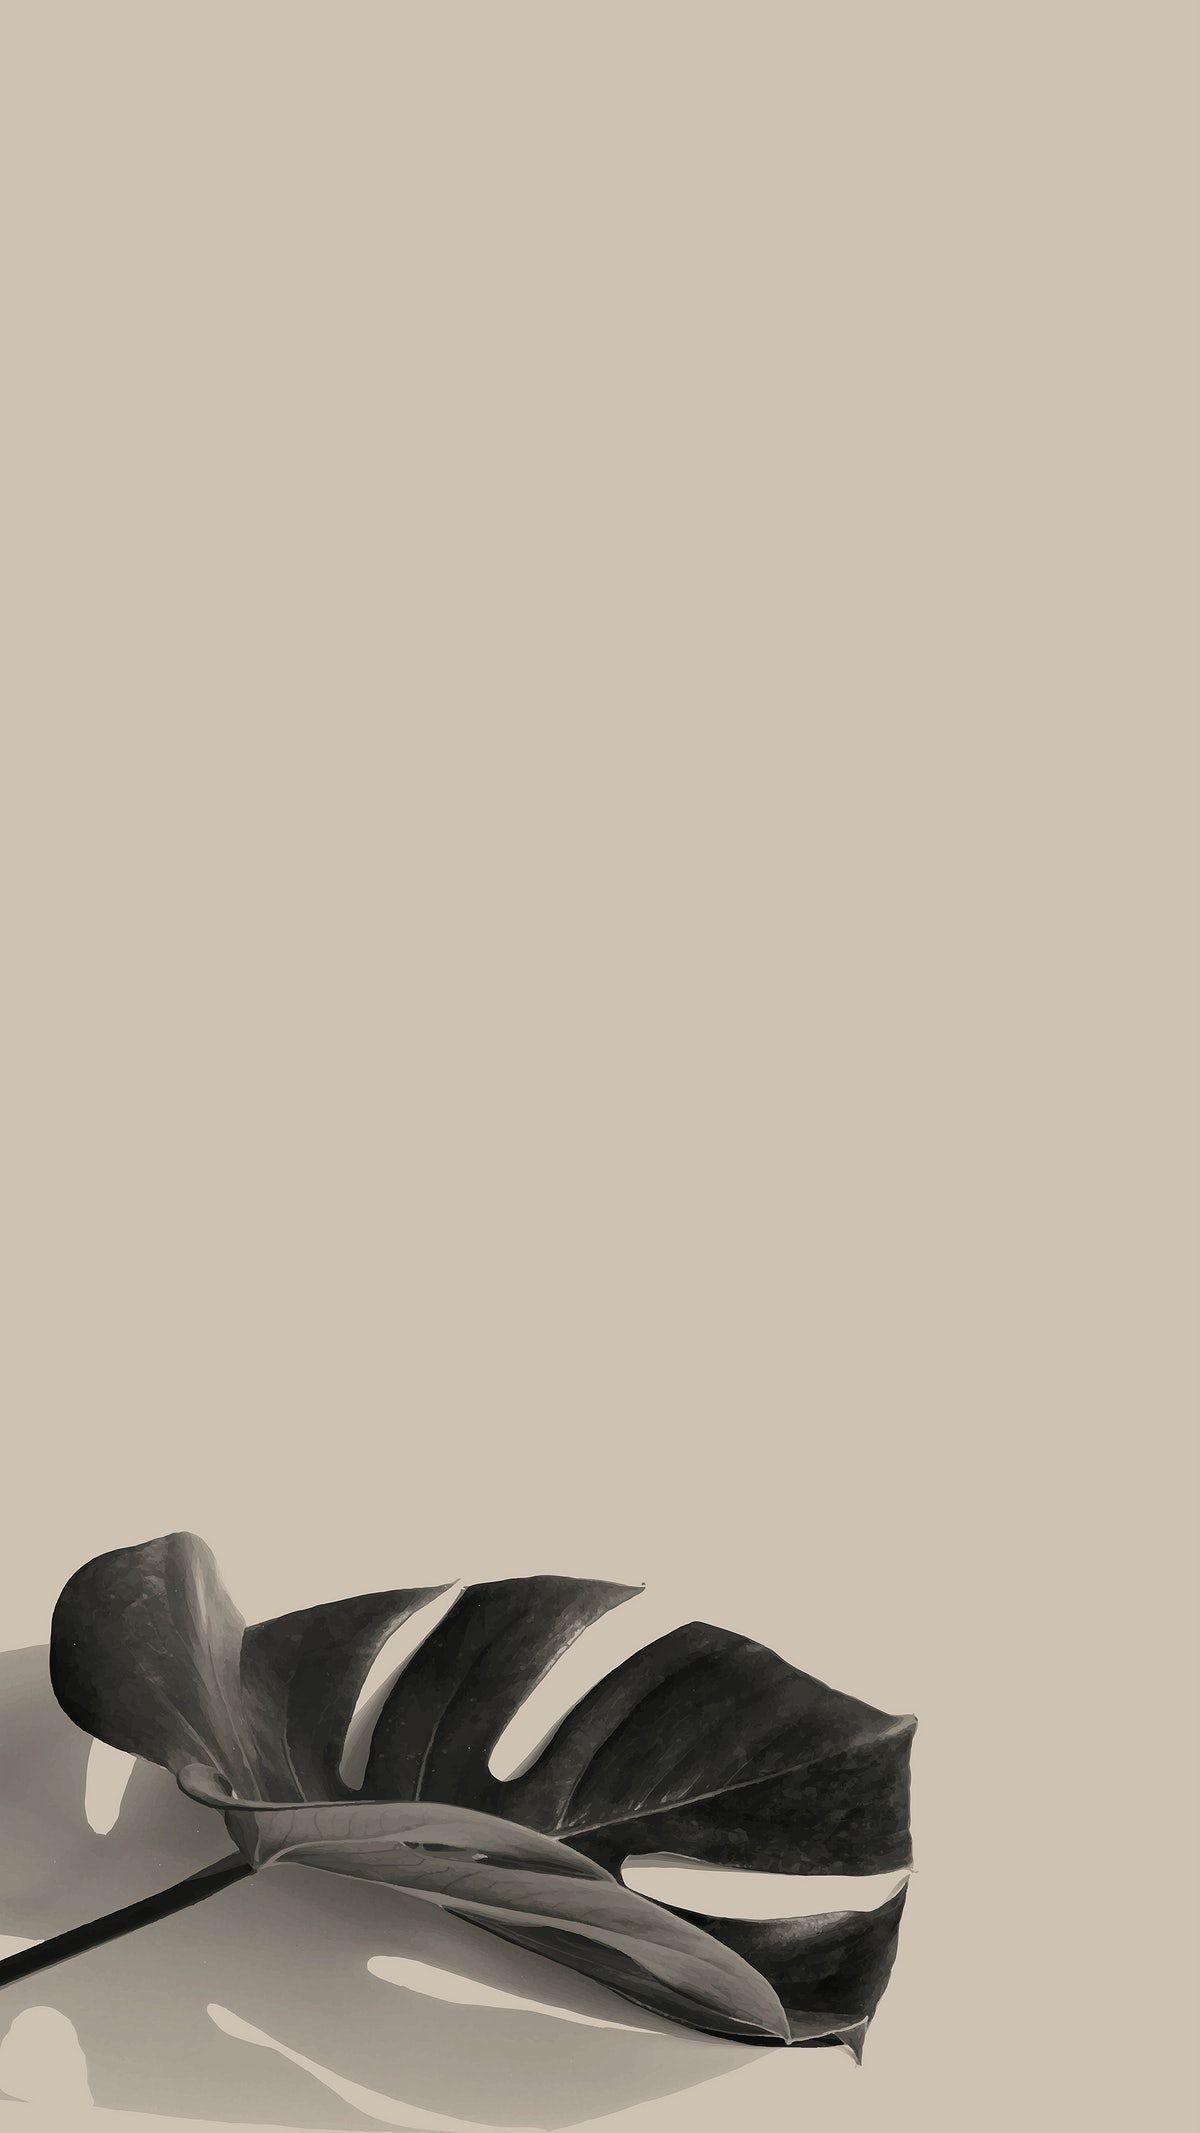 Download premium vector of Monstera leaf on a biege background design